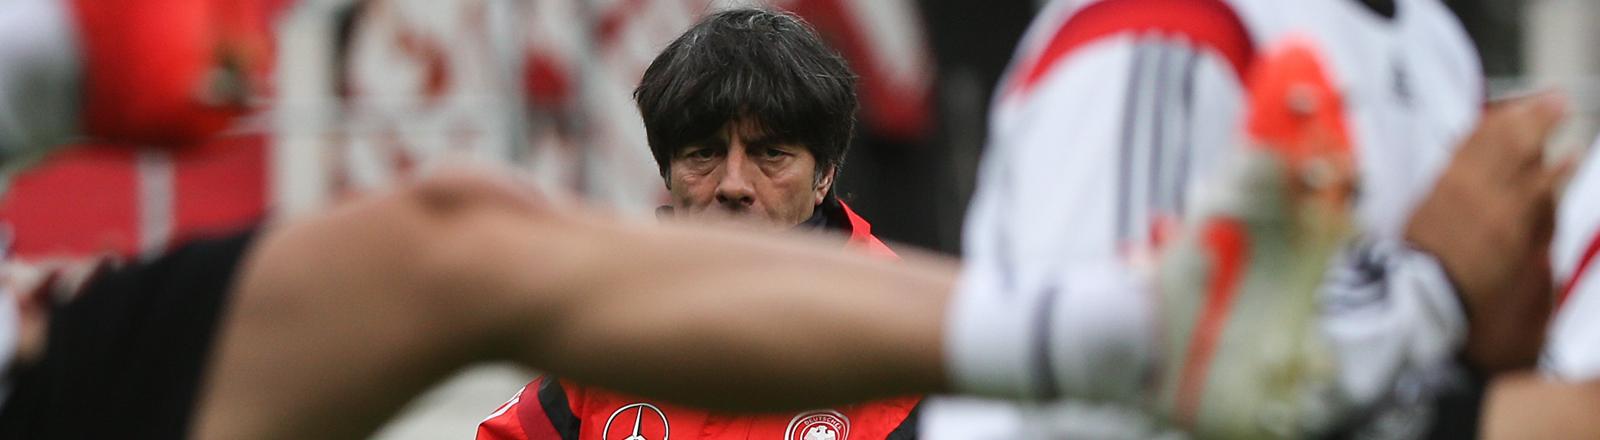 Bundestrainer Joachim Löw sieht am 12.05.2014 beim Abschlusstraining der deutschen Fußball-Nationalmannschaft im Millerntor Stadion in Hamburg seinen Spielern zu.